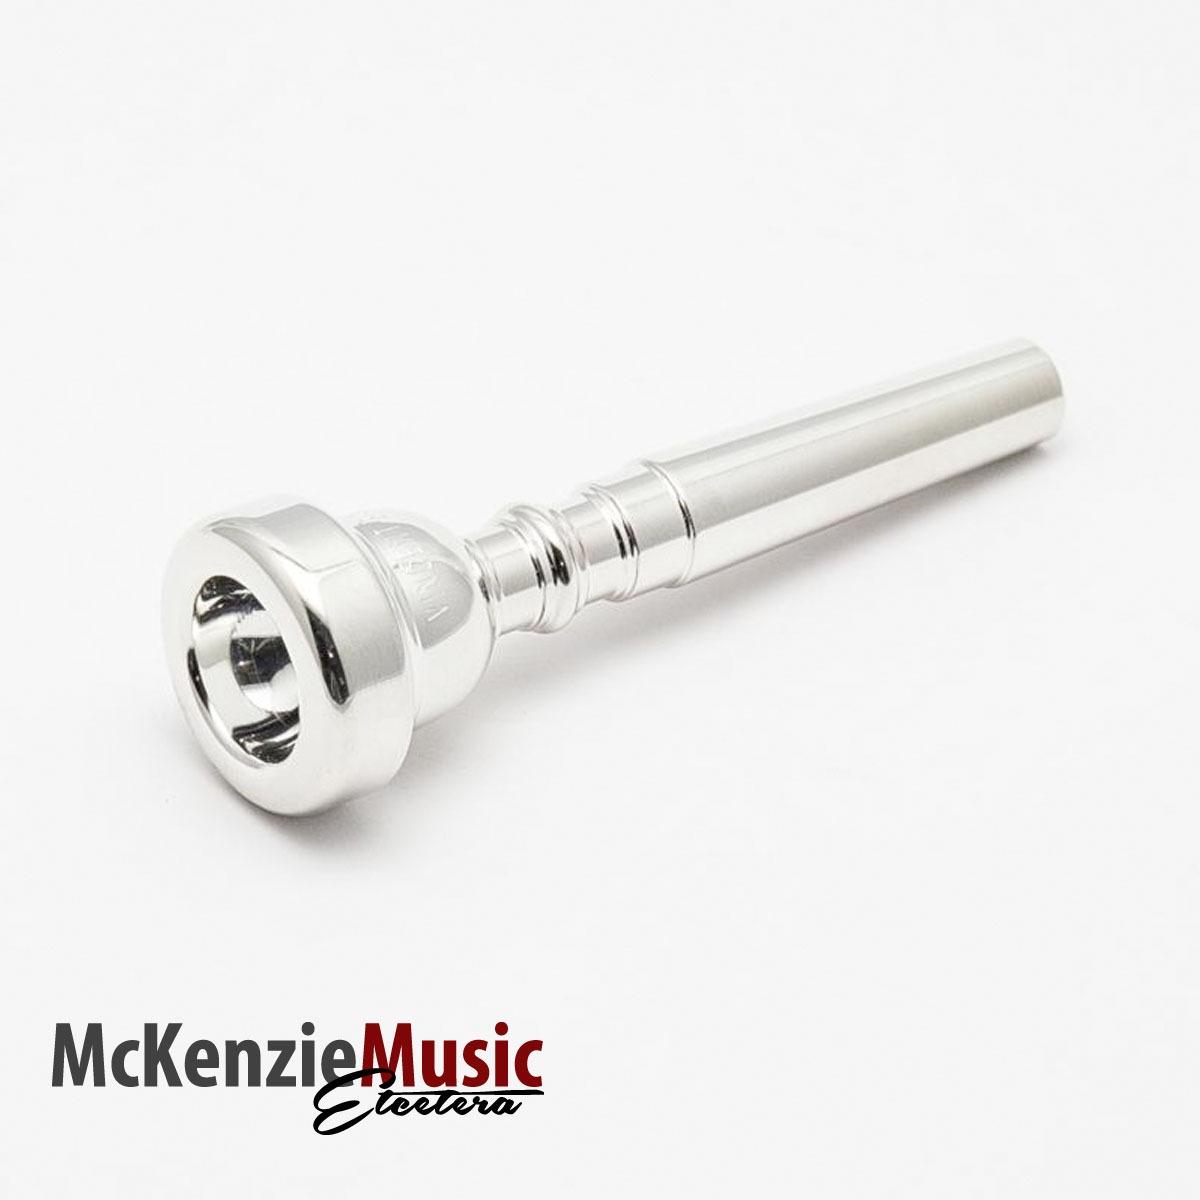 Bach Trumpet Mouthpiece 7C